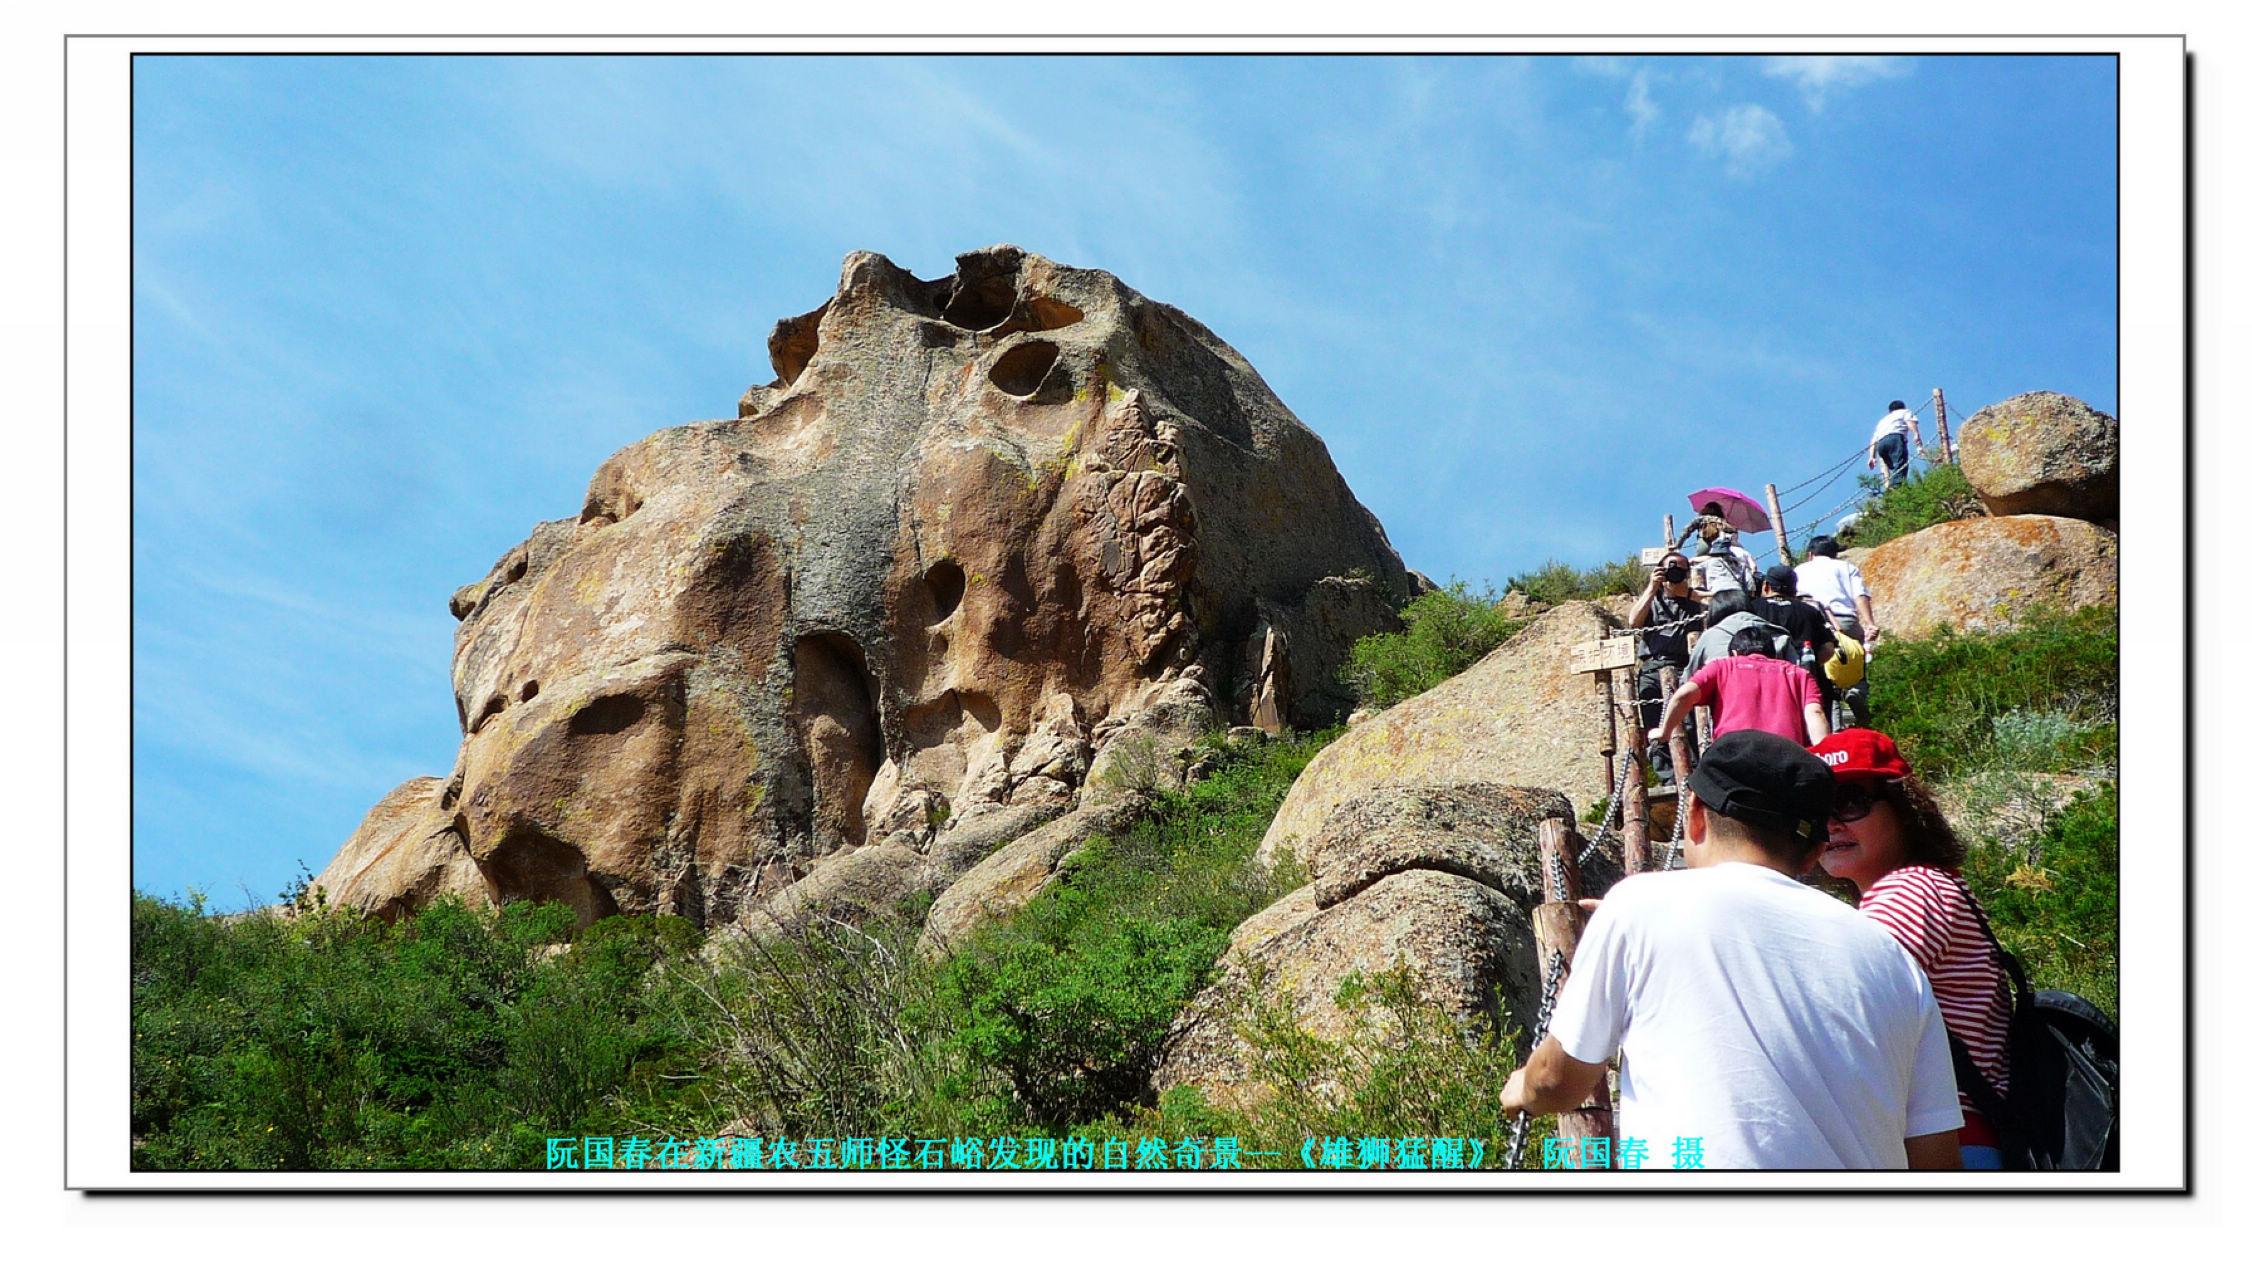 怪石峪风景区; 怪石峪风景区_百科词条; 新疆怪石峪自然奇观--雄狮